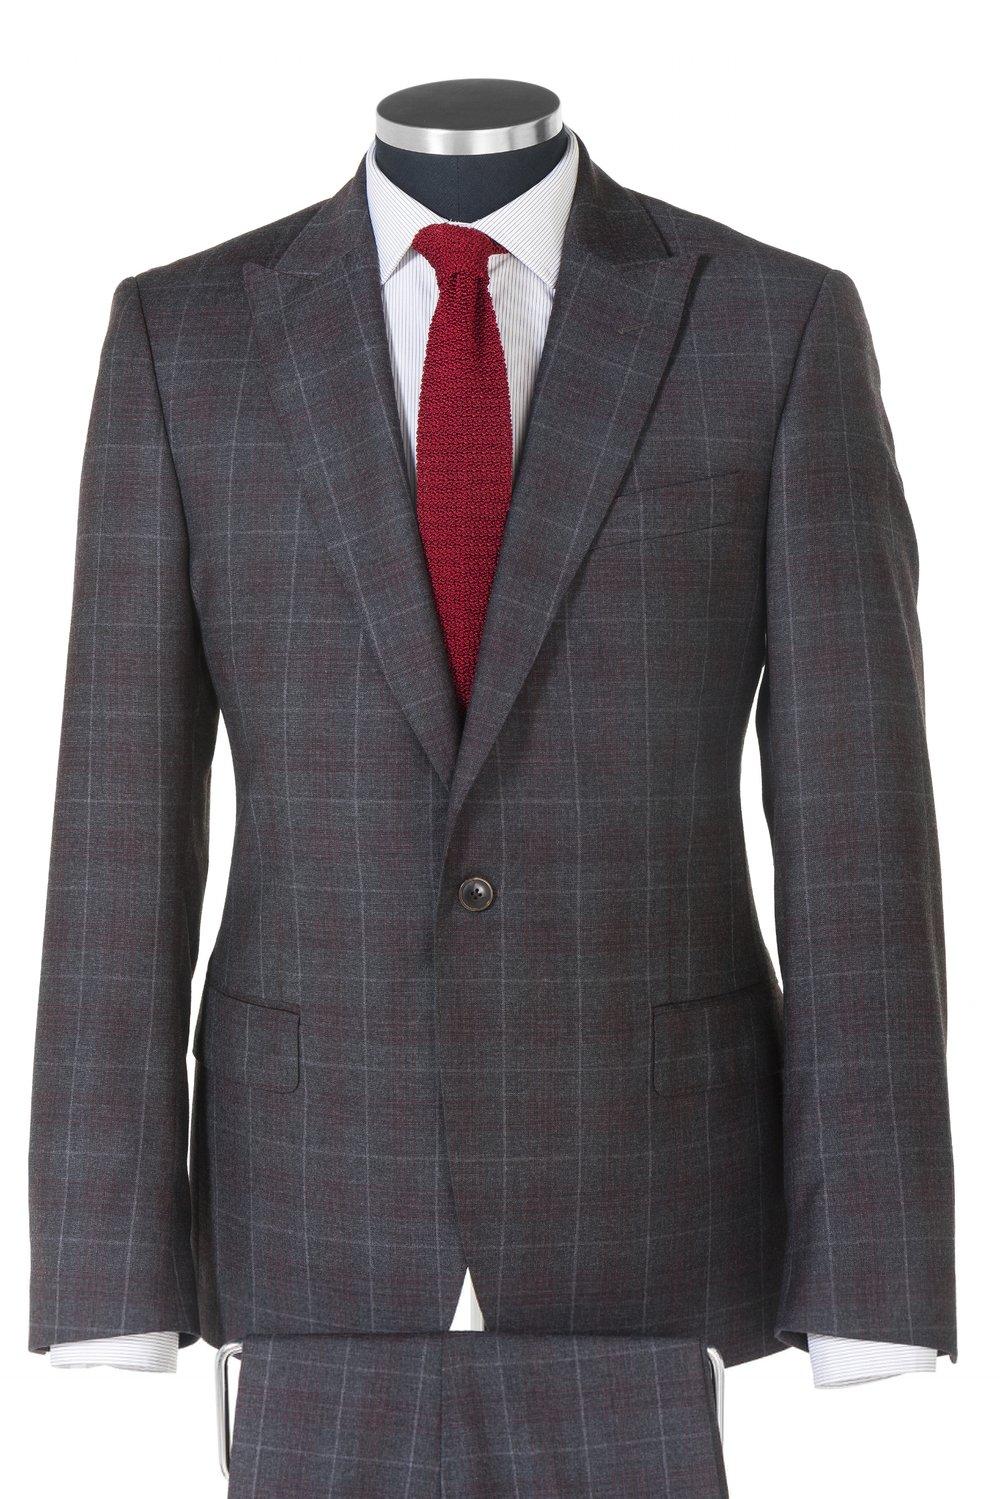 CHECK IT! - Trotz der steigenden Beliebtheit von legerer Kleidung auch im Business‐Bereich, ist ein guter Anzug immer noch der Dreh‐ und Angelpunkt der Garderobe vieler Männer. Ungezwungener als ein Anzug, aber formeller und eleganter als ein legeres Oberteil ist das massgeschneiderte Sakko immer eine vielseitige Komponente im Kleiderschrank eines Mannes.